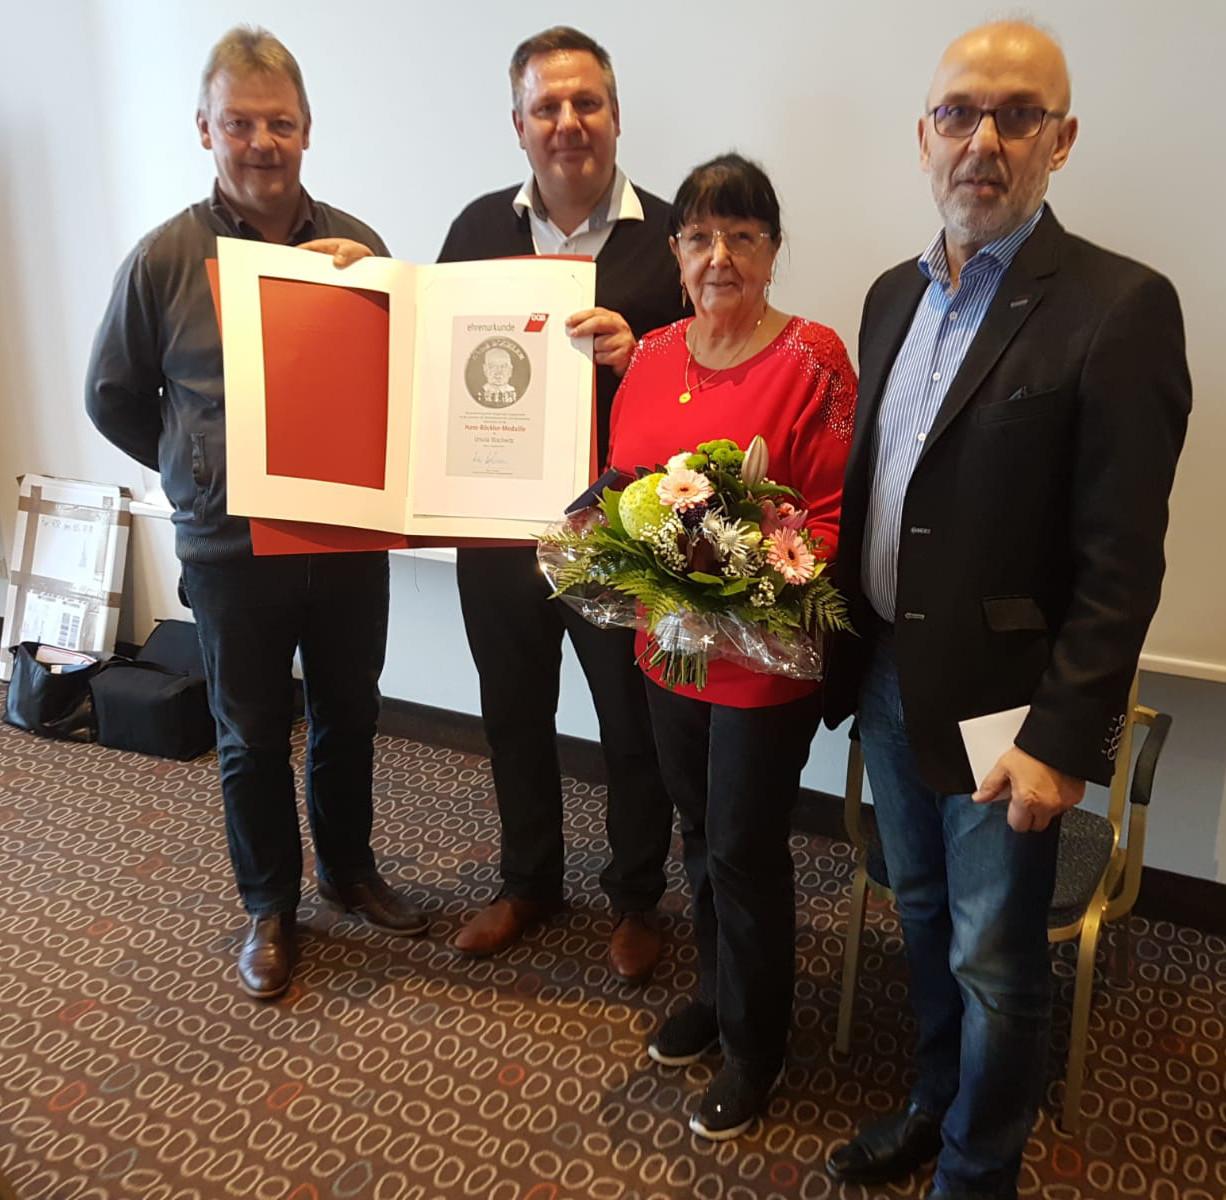 Kollegin der IG BAU erhält Auszeichnung